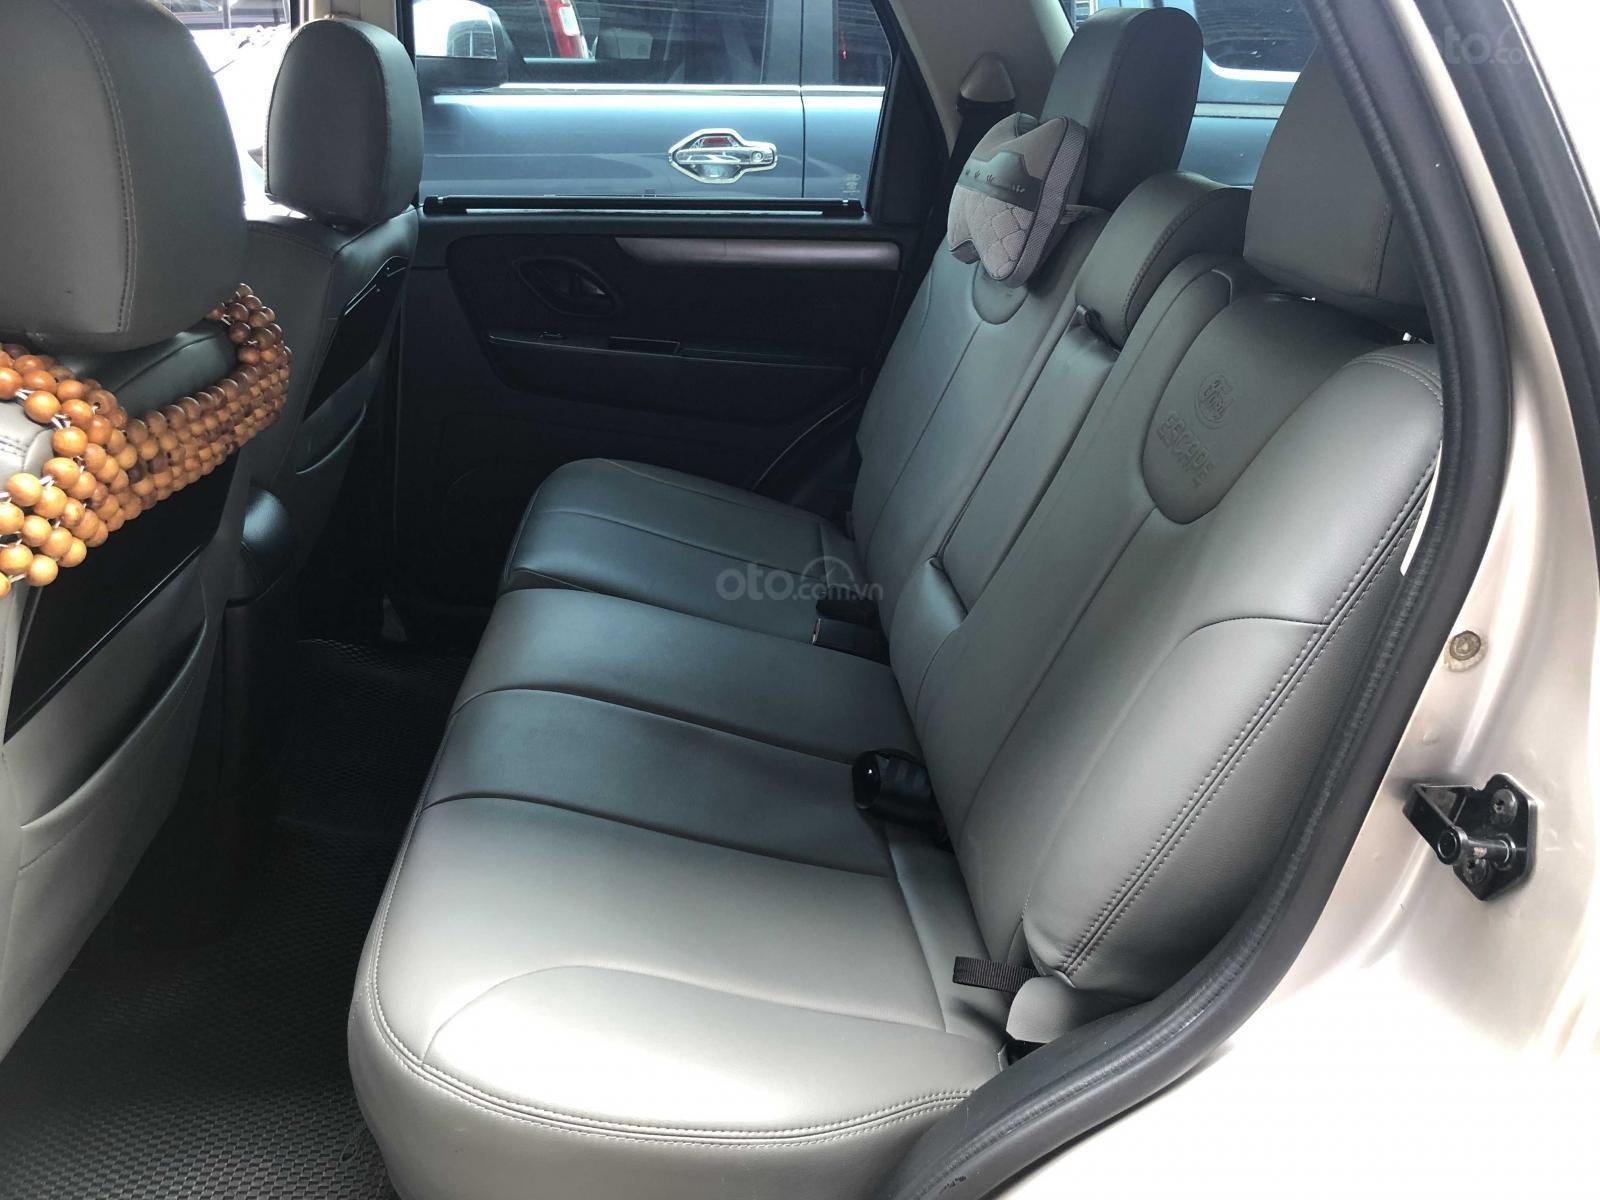 Xe Ford Escape sản xuất 2011, màu bạc còn mới giá 455 triệu đồng (6)